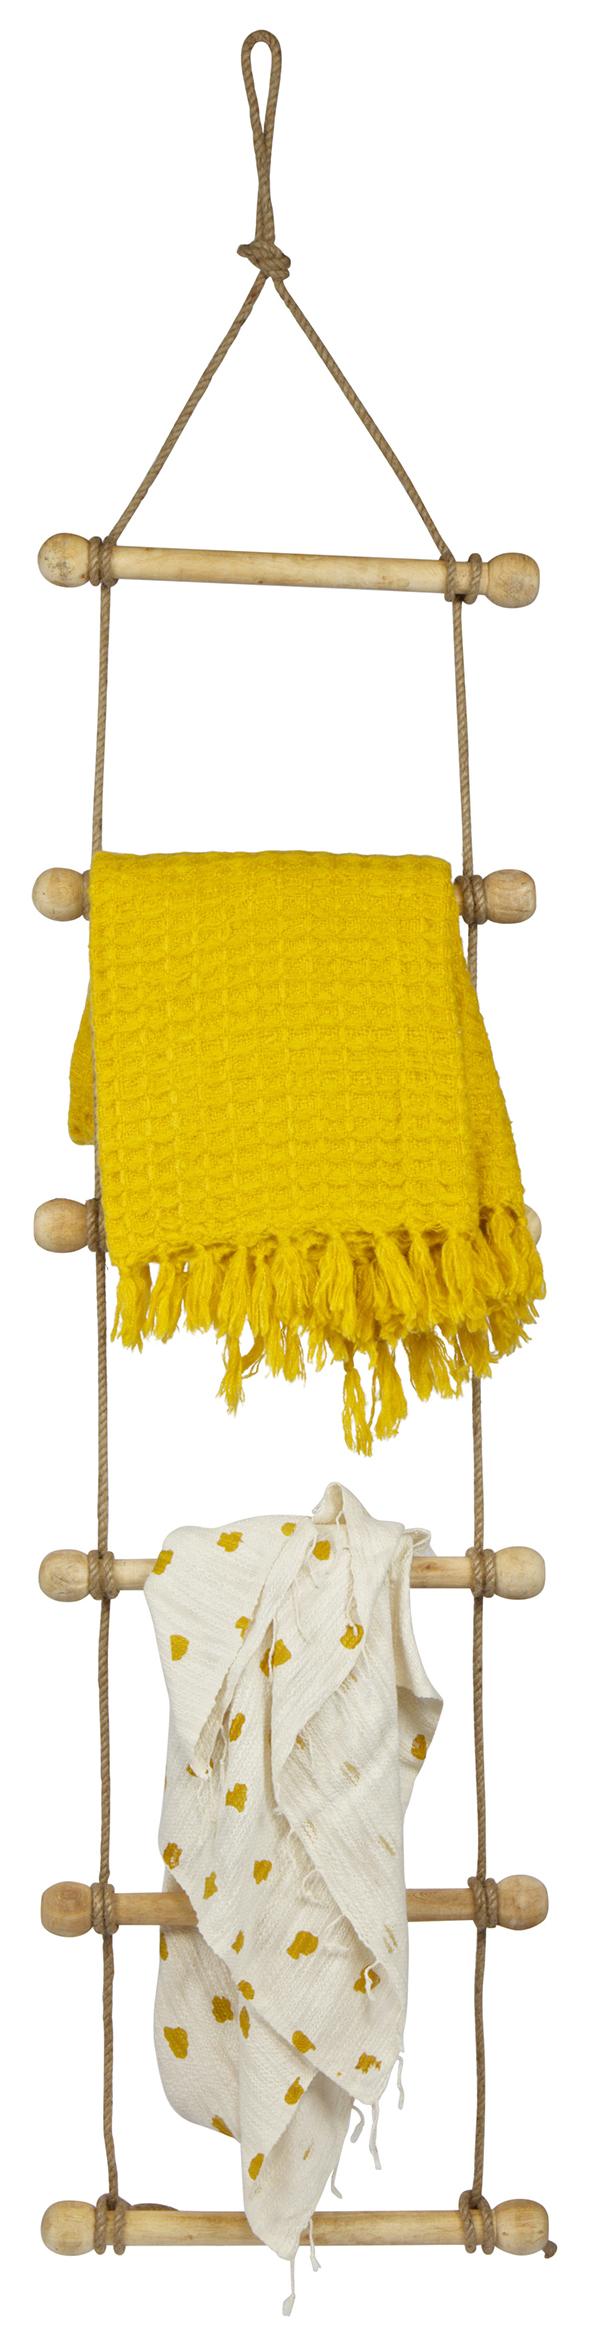 BePureHome Touwladder 'Rope', kleur Naturel Woonaccessoires | Decoratie kopen